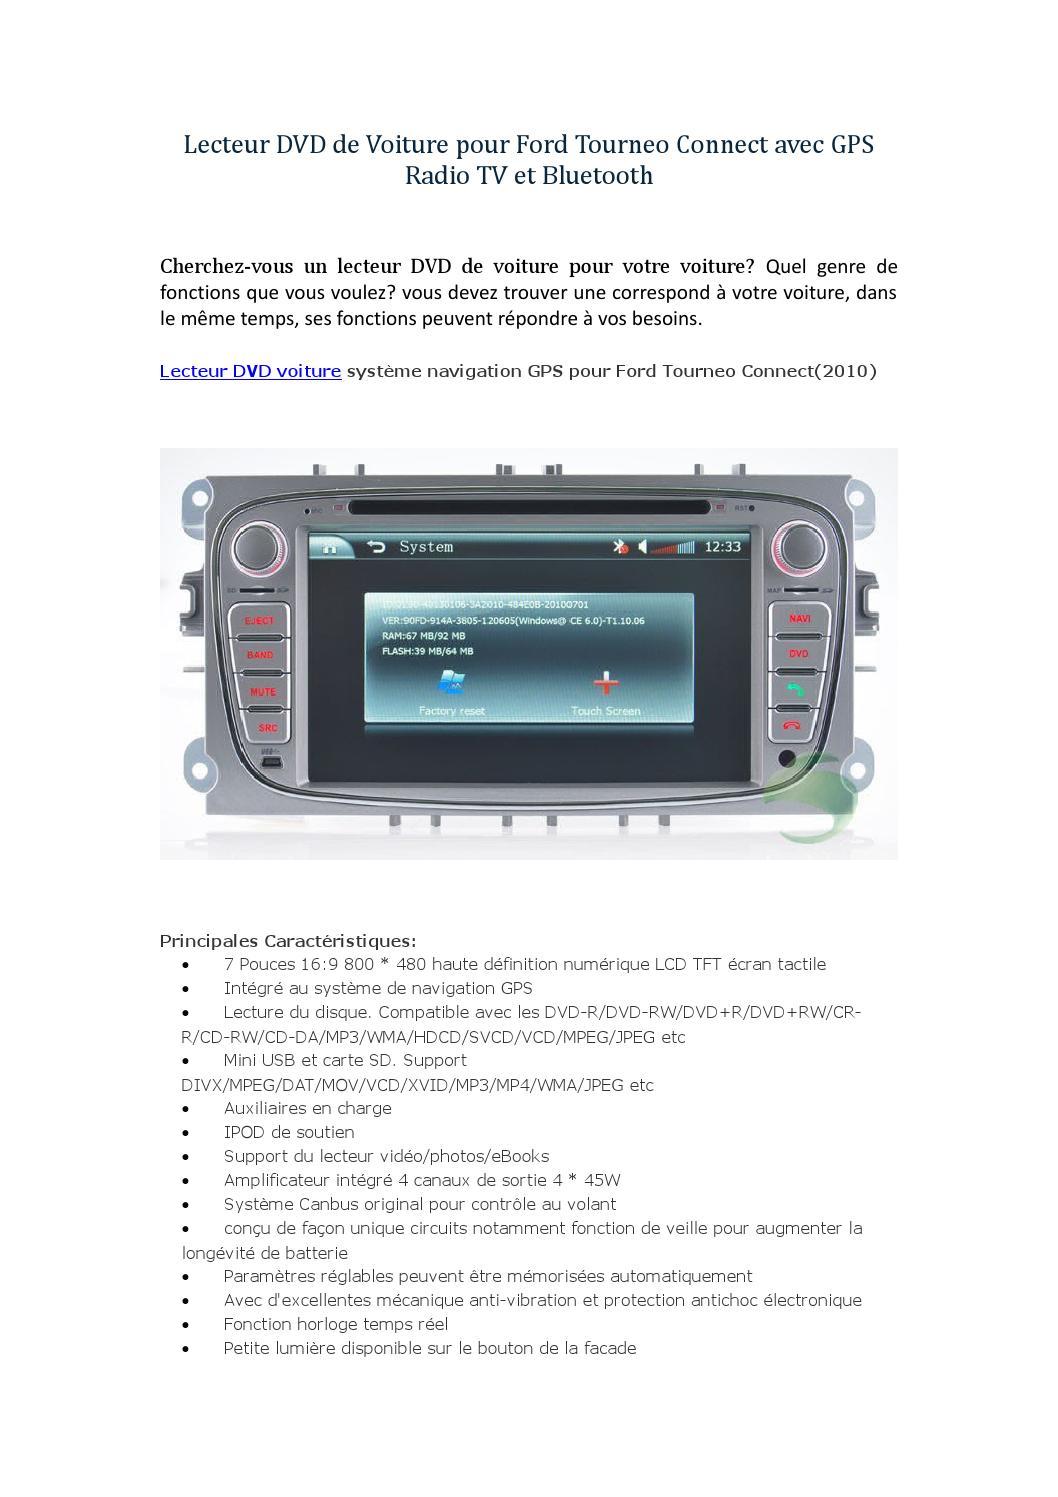 lecteur dvd de voiture pour ford tourneo connect avec gps radio tv et bluetooth by baaron290 issuu. Black Bedroom Furniture Sets. Home Design Ideas